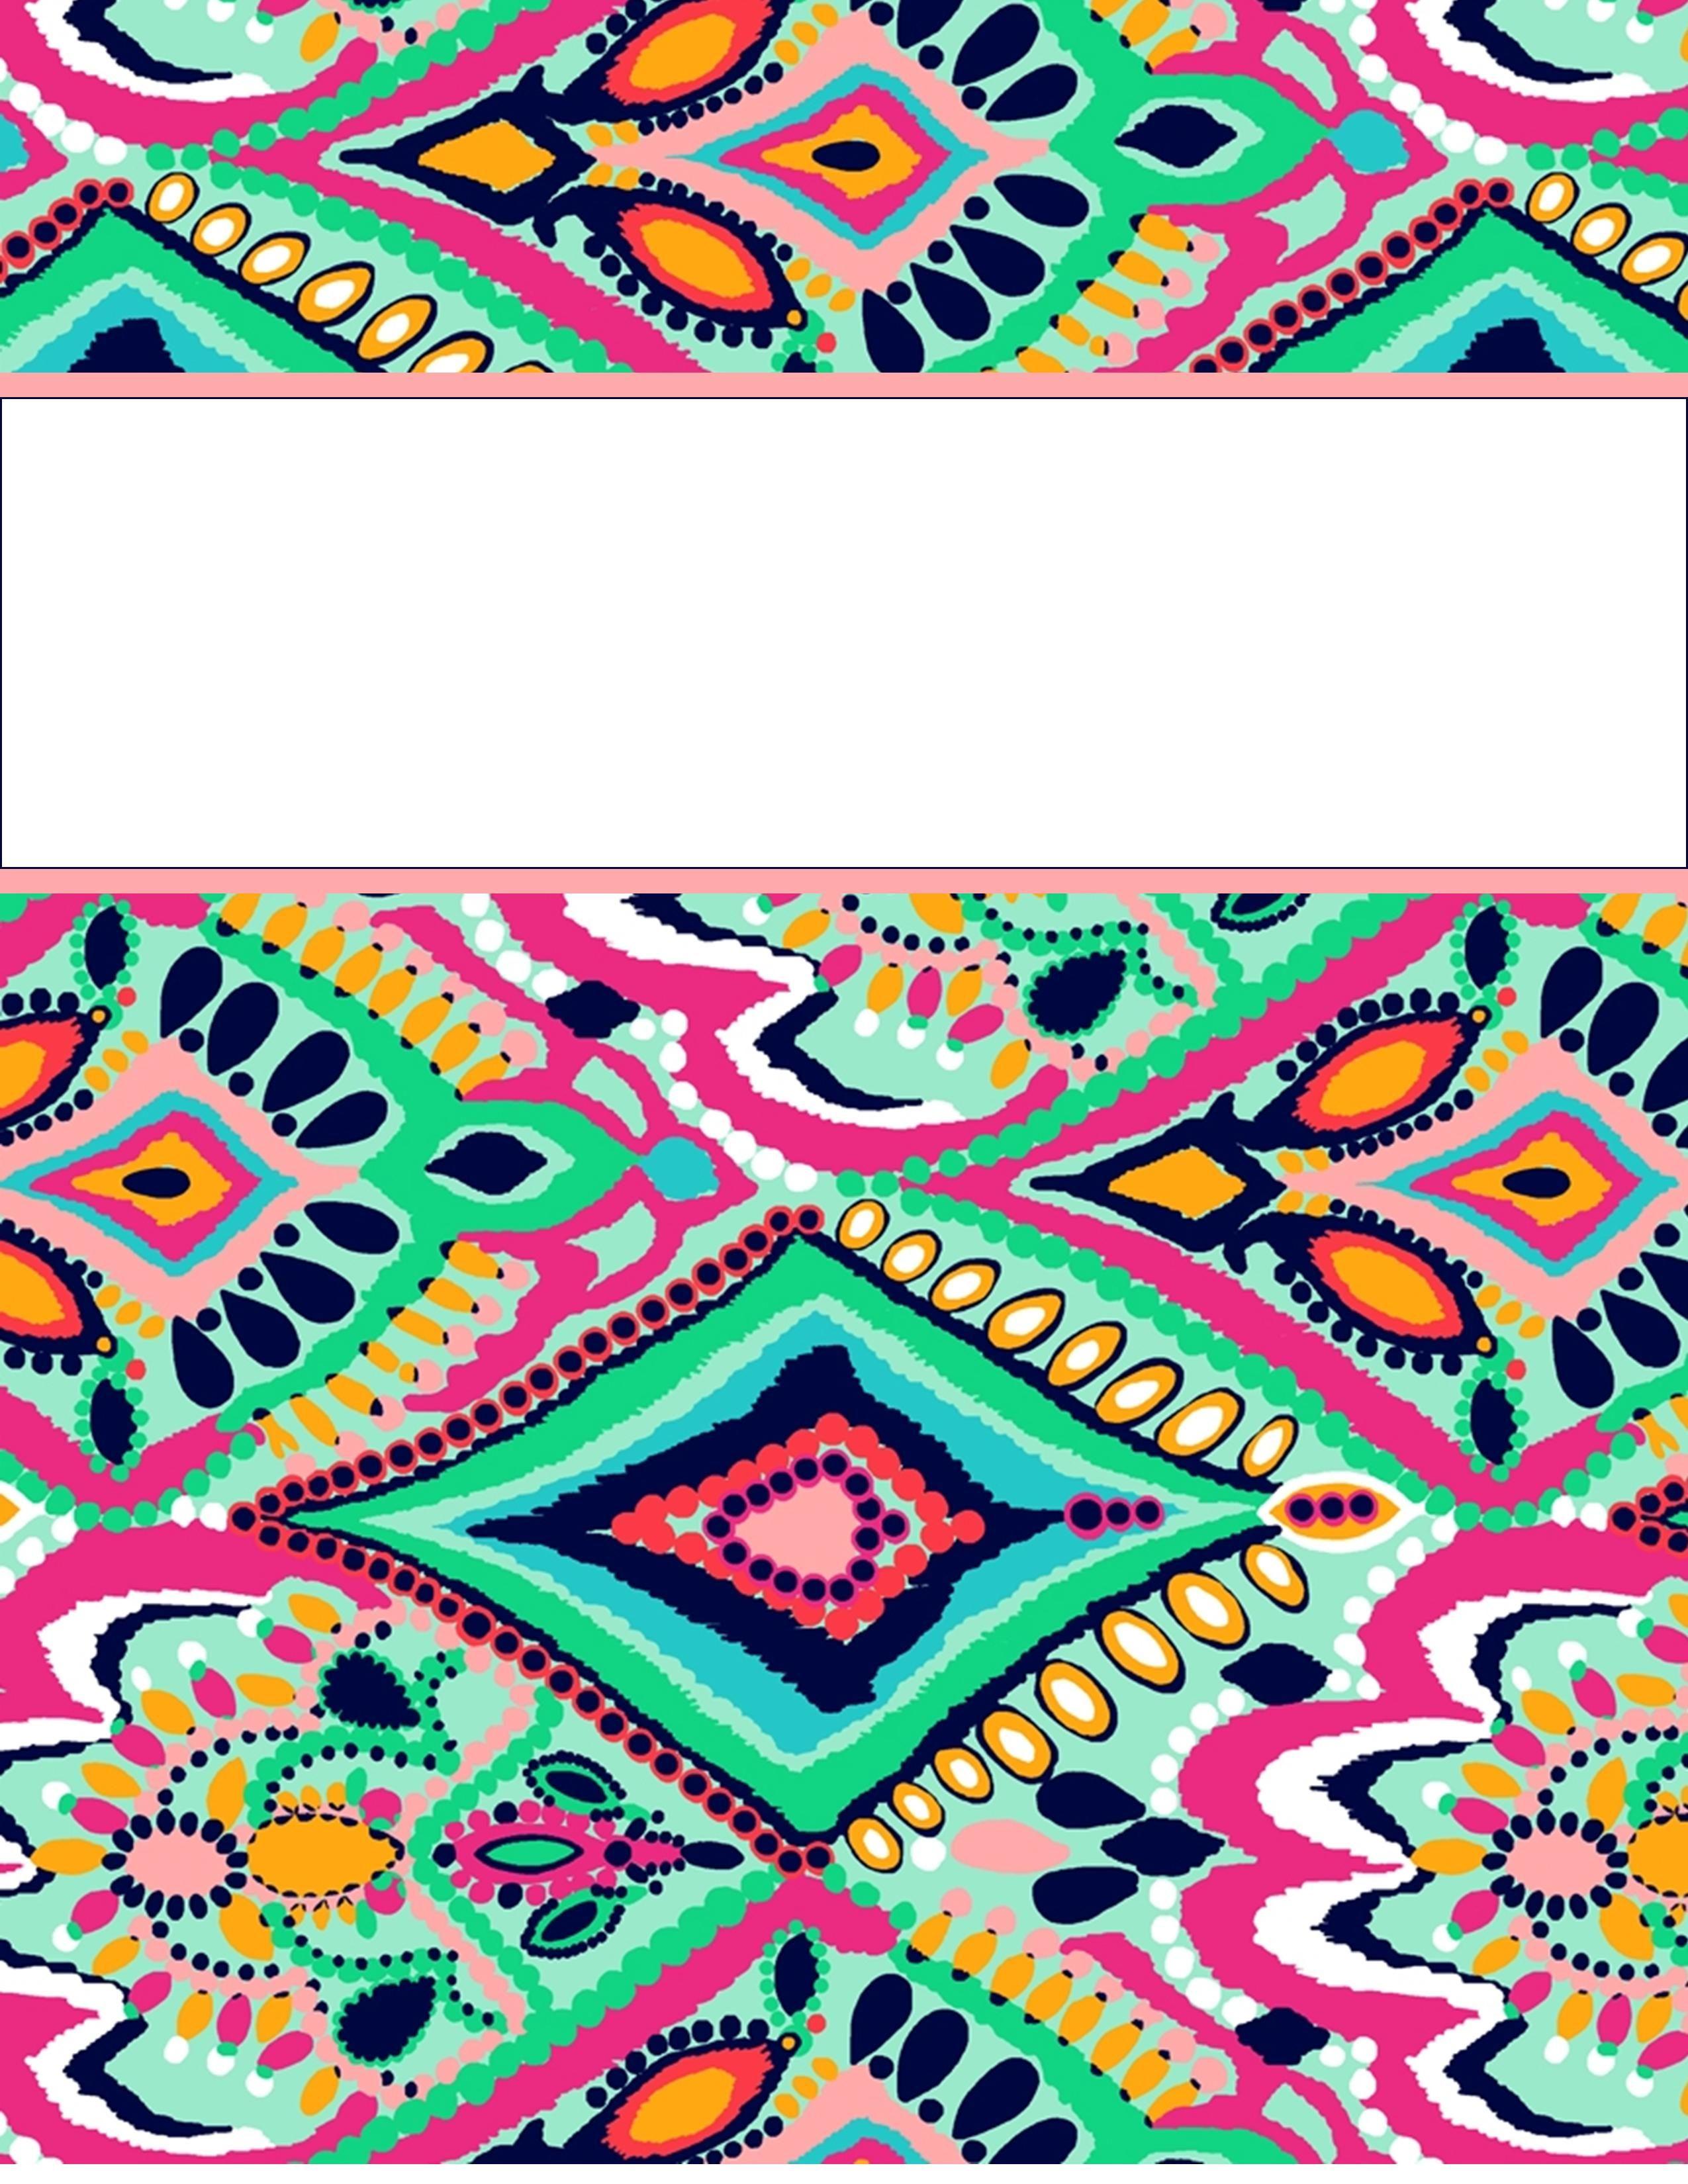 My Cute Binder Covers   Nursing School   Pinterest   Cute Binder - Free Printable School Binder Covers